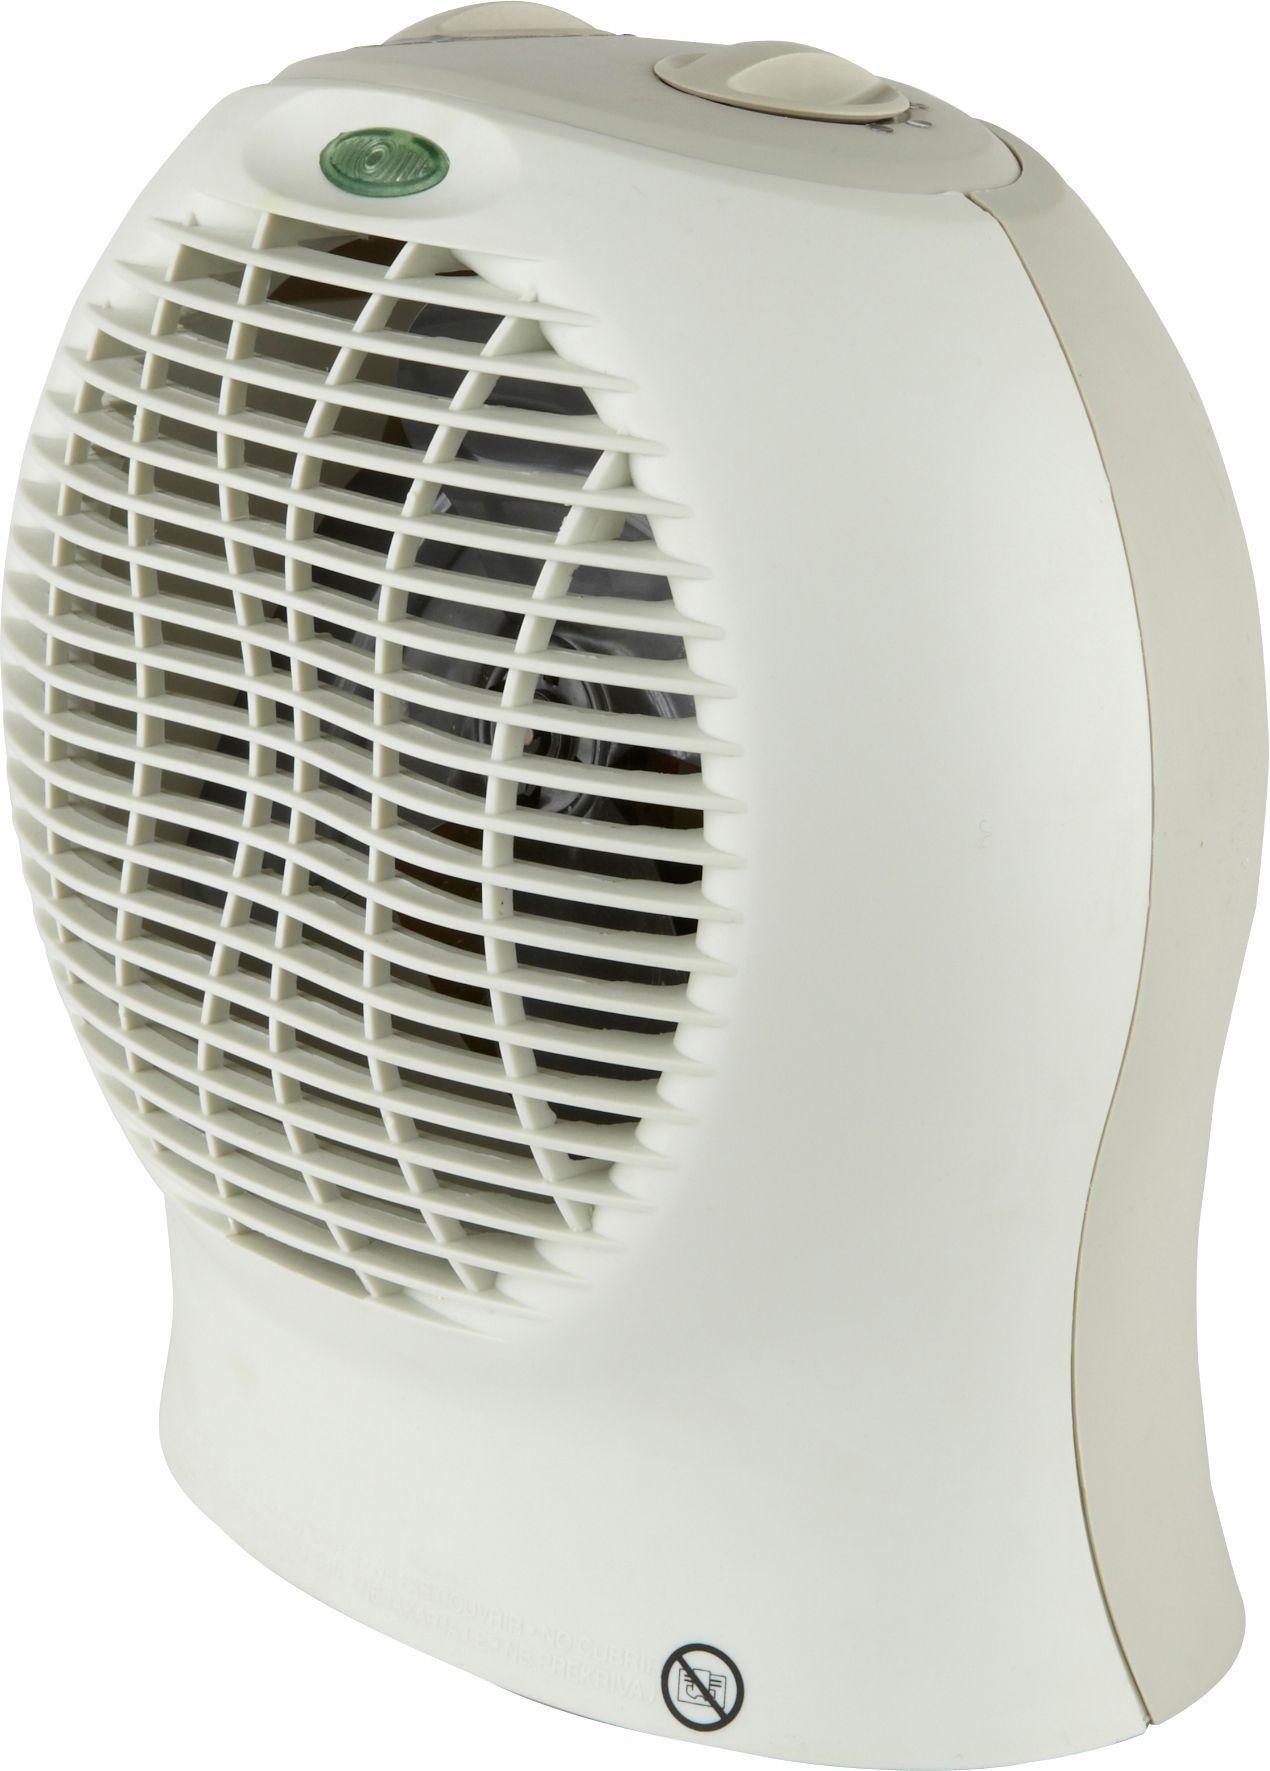 delonghi hvf3032 upright fan heater. Black Bedroom Furniture Sets. Home Design Ideas